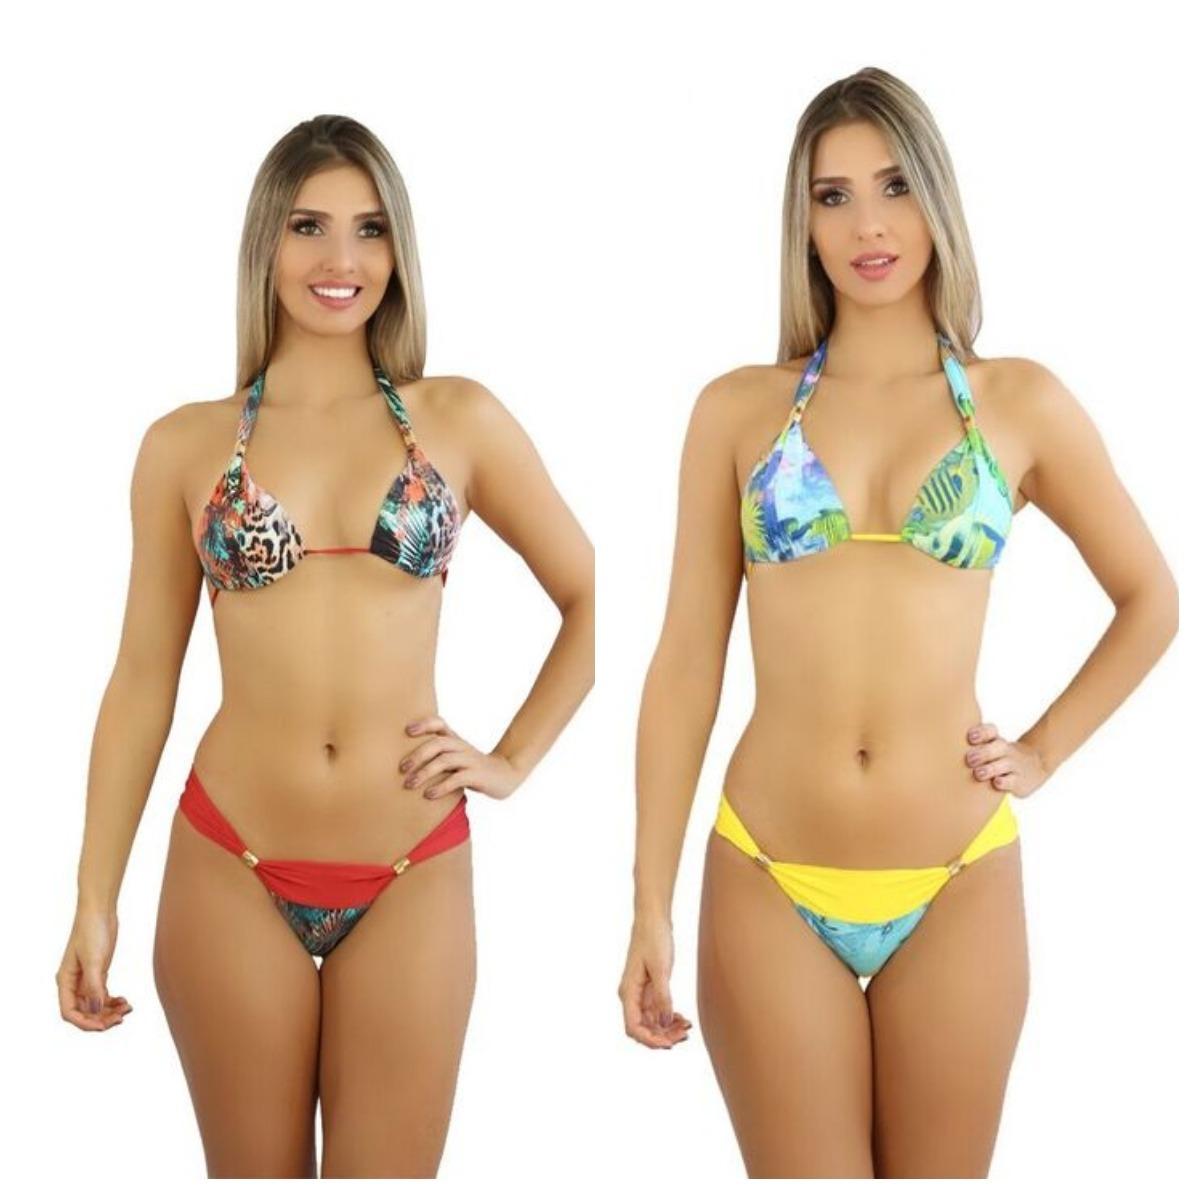 1ed162442 Biquinis 2017 Praia Marquinha Biquíni Cl  47 - R  68